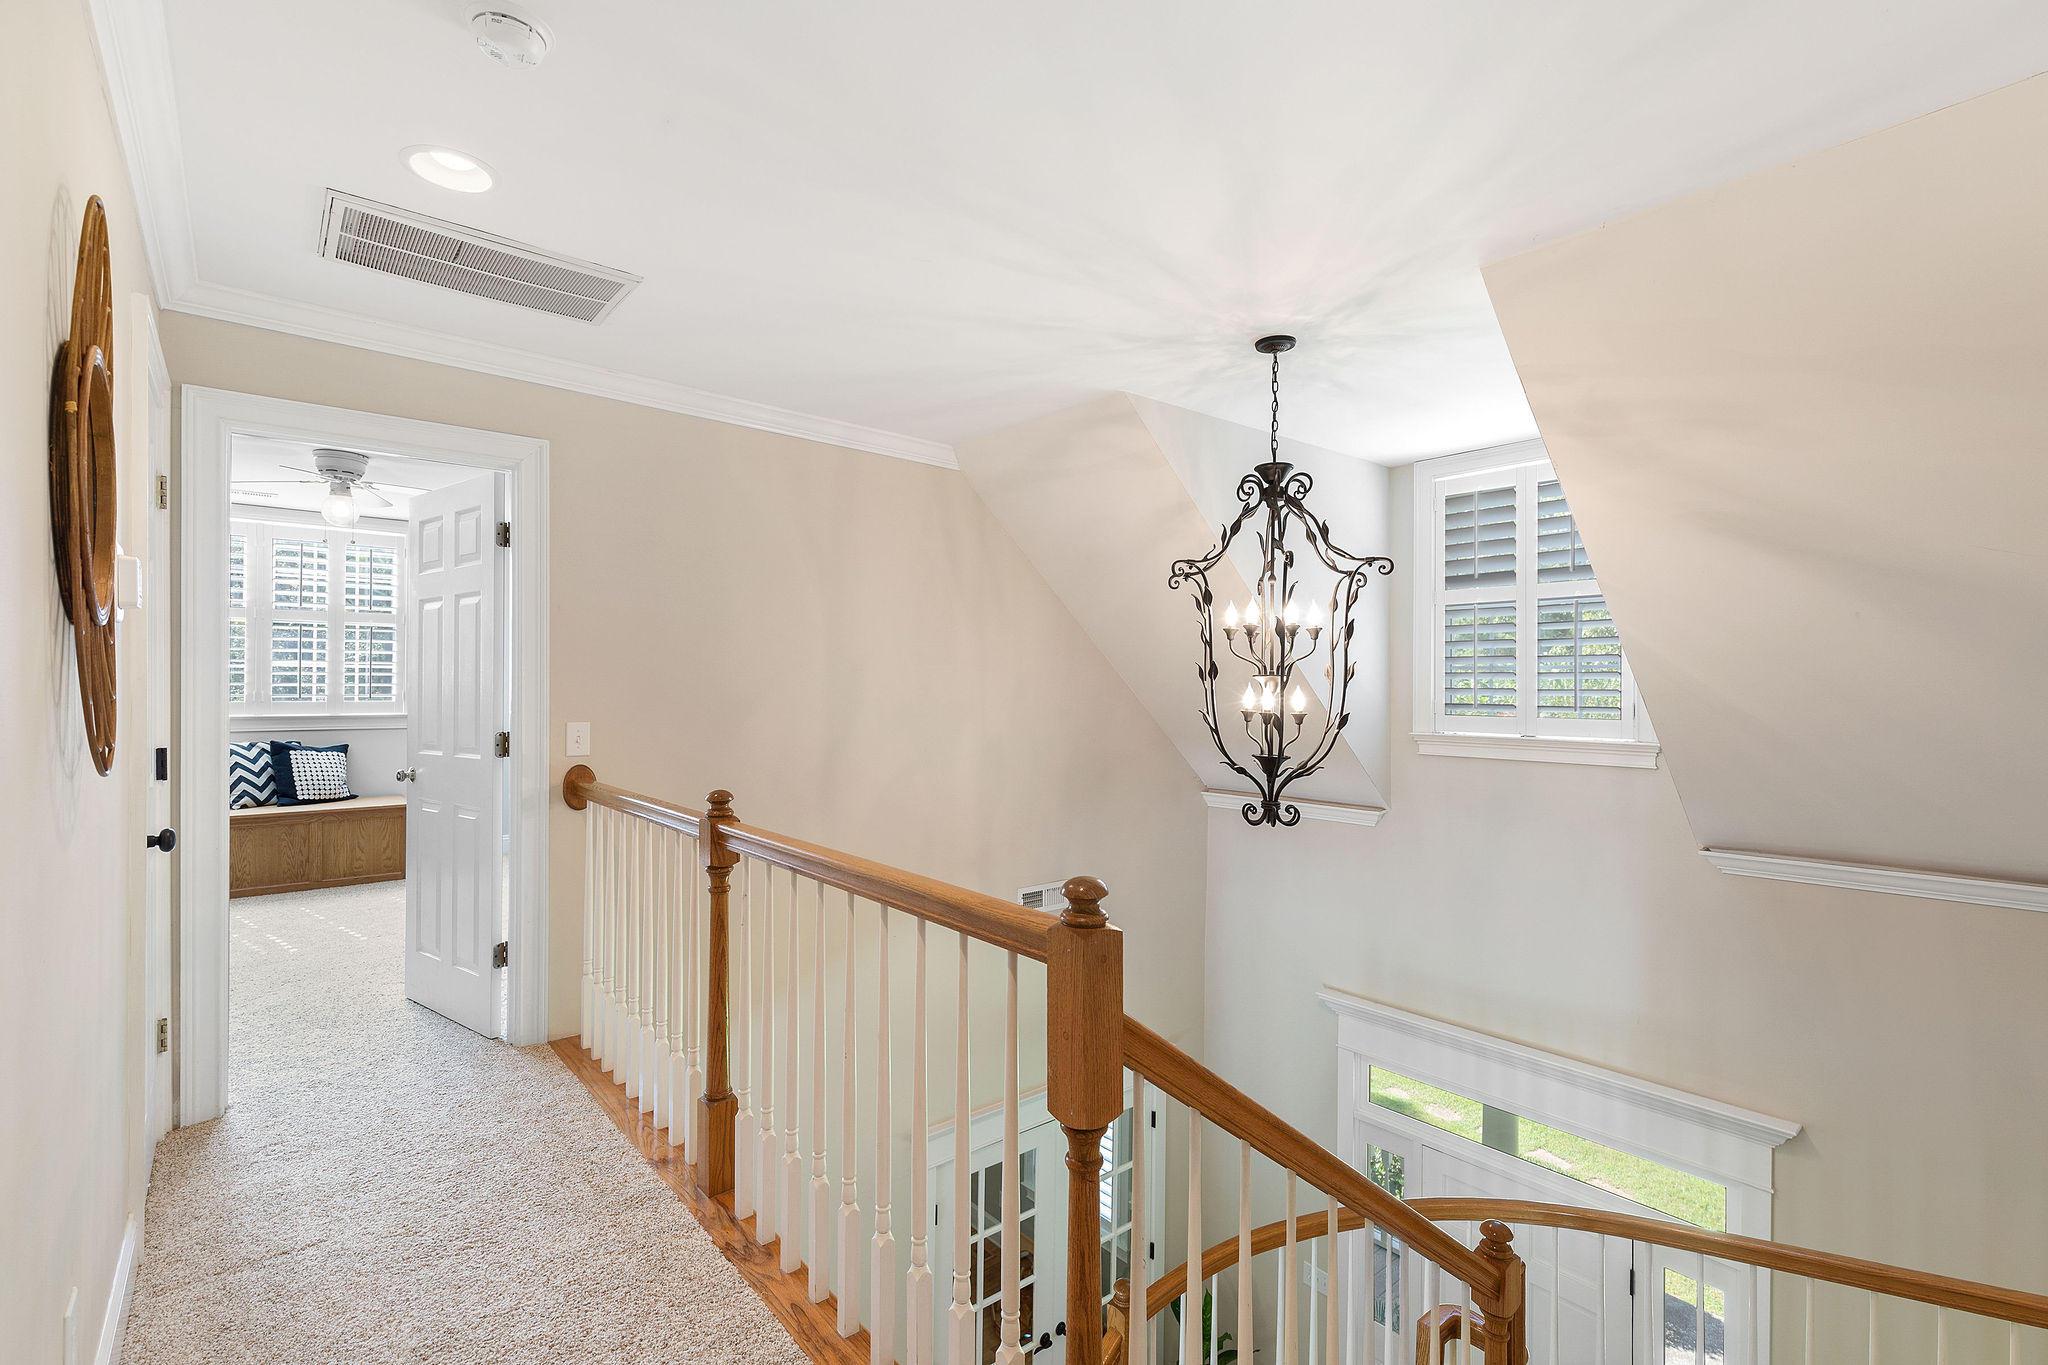 Dunes West Homes For Sale - 3201 Cottonfield, Mount Pleasant, SC - 12